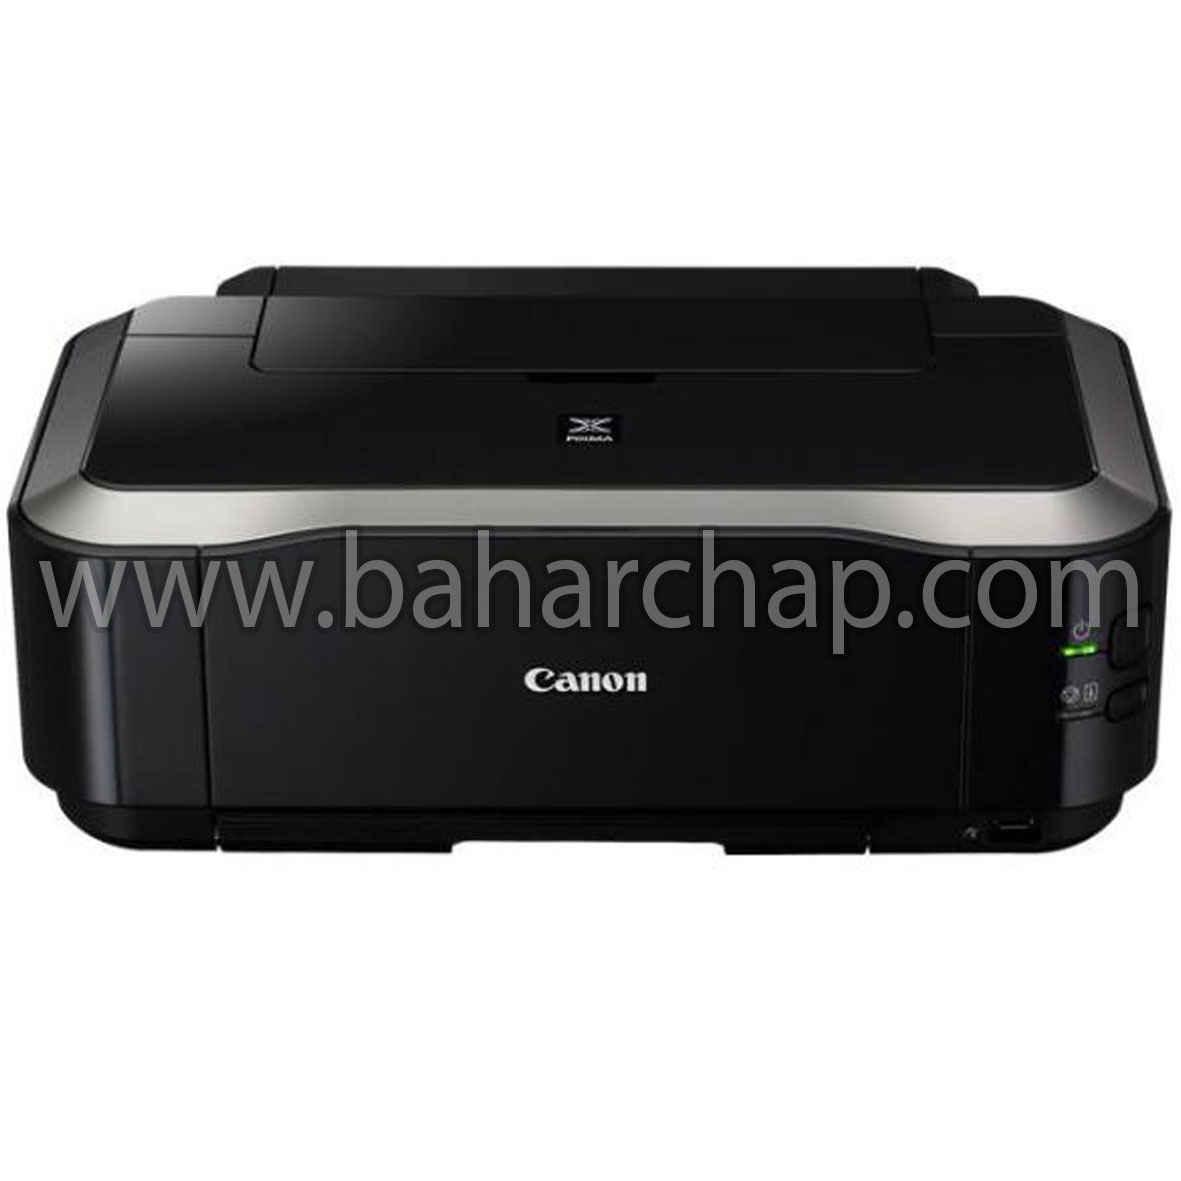 فروشگاه و خدمات اینترنتی بهارچاپ اصفهان-دانلود نرم افزار ریست پرینتر Canon IP4800-Reset canon by ST4905